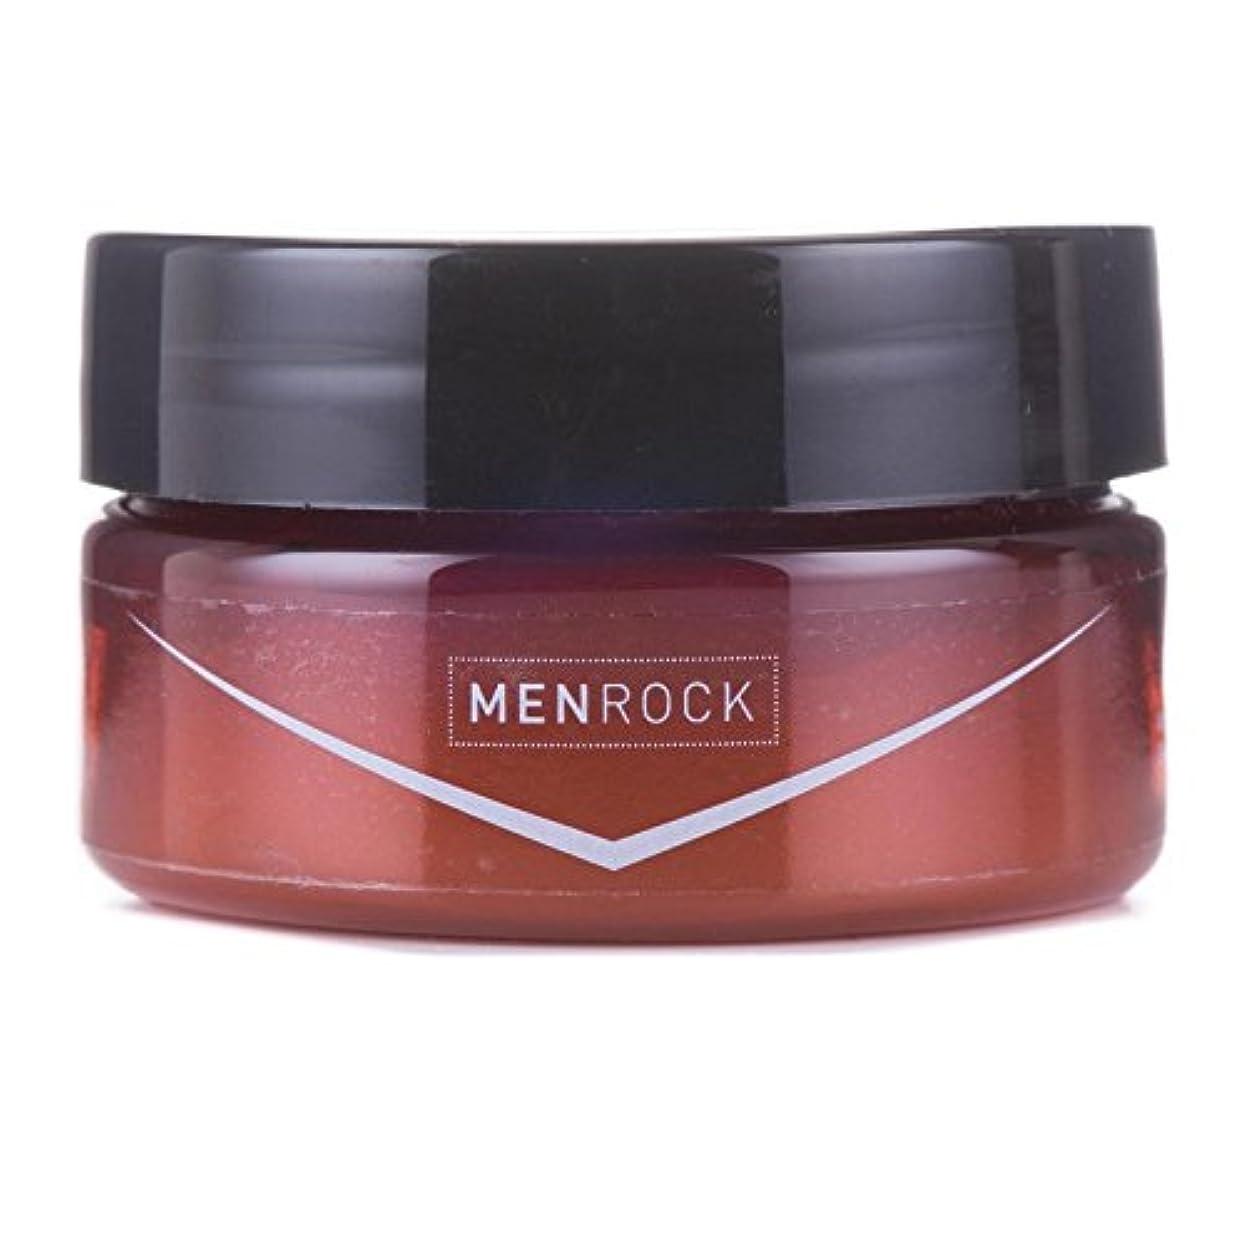 男性の岩白檀口ひげワックス x2 - Men Rock Sandalwood Moustache Wax (Pack of 2) [並行輸入品]